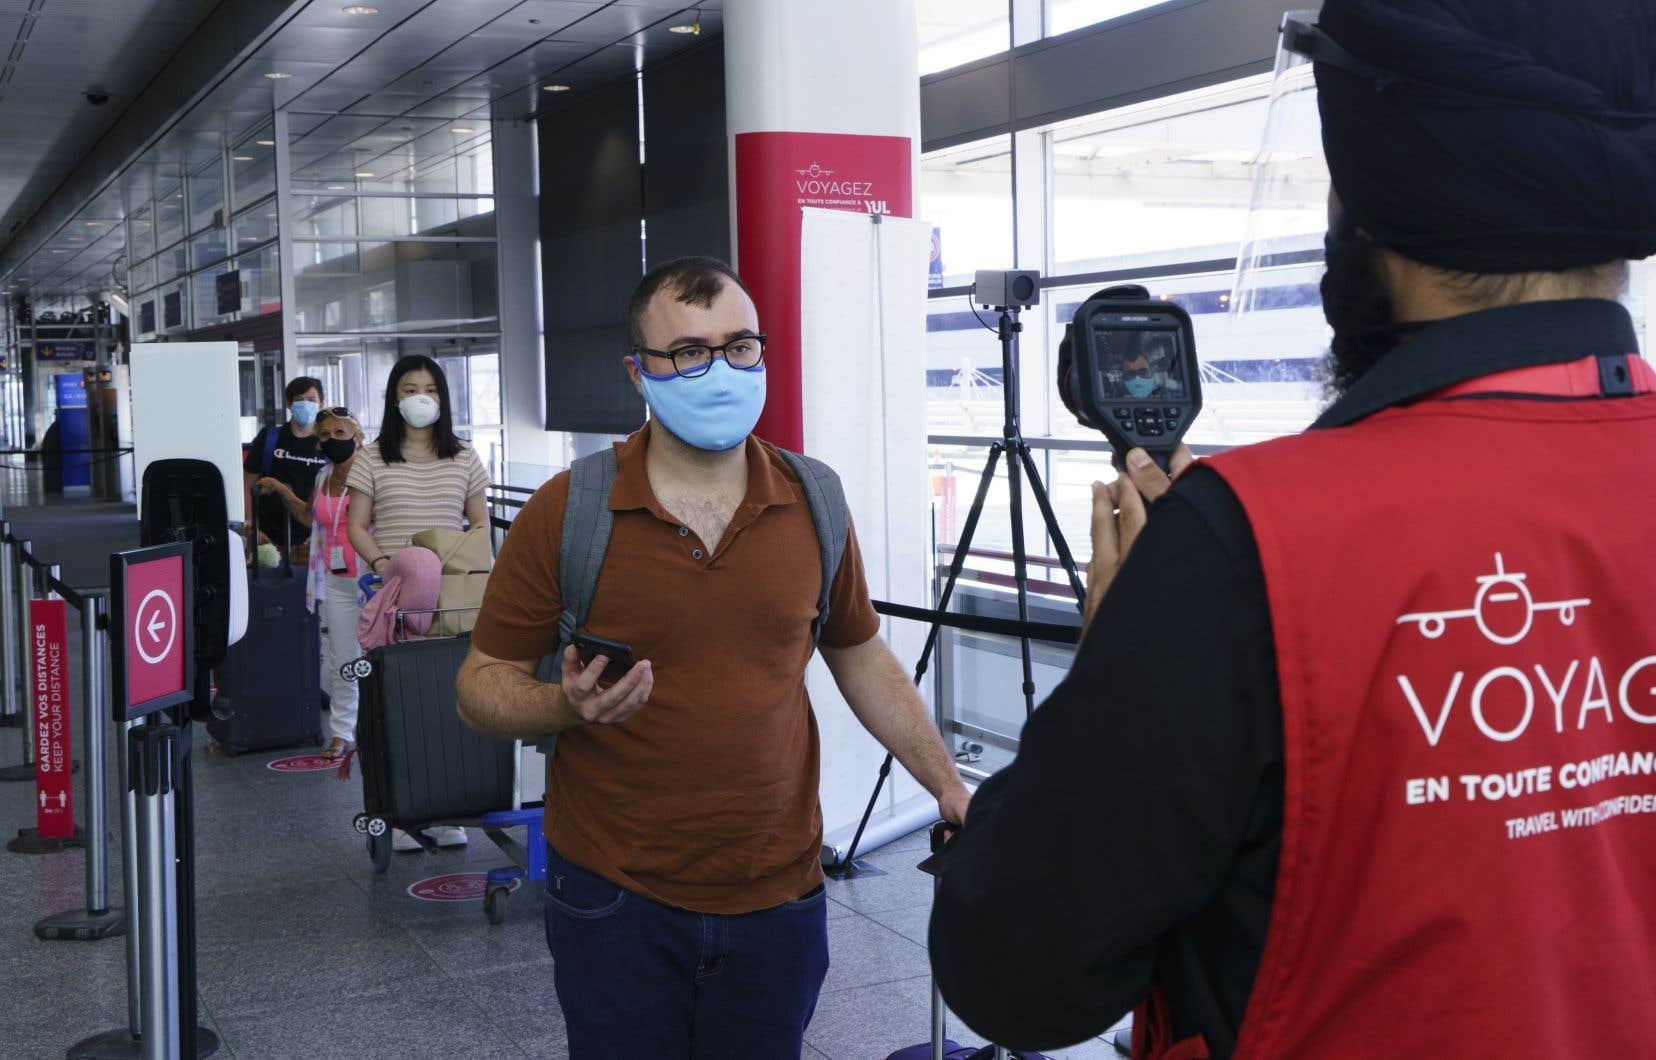 Le personnel prend la température des passagers à leur arrivée à l'aéroport Montréal-Trudeau.